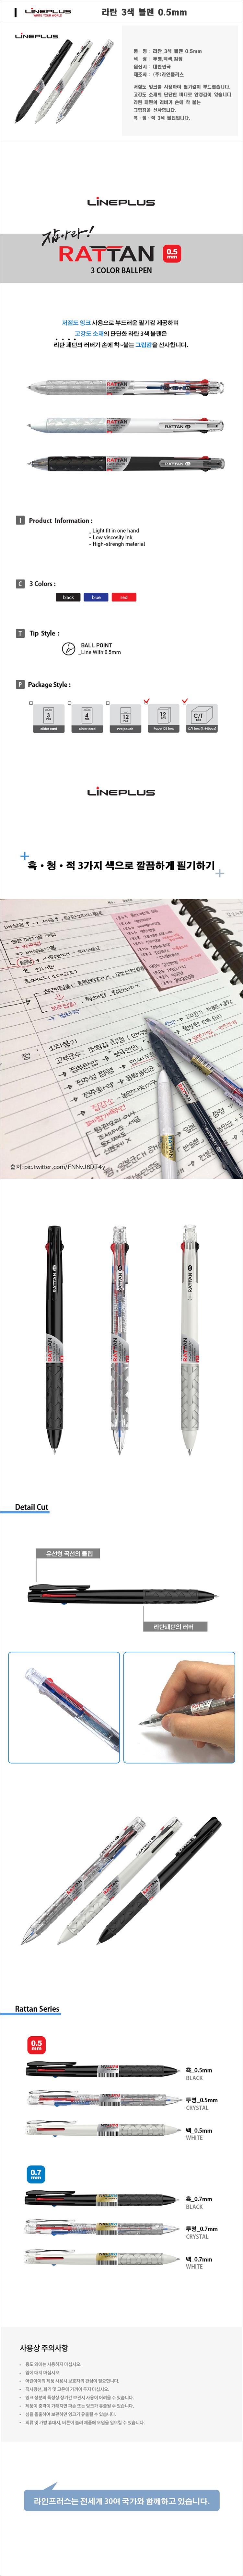 라인플러스 라탄 3색볼펜 0.5mm 3색볼펜 저점도볼펜 - 펜스테이션, 1,900원, 볼펜, 멀티색상 볼펜